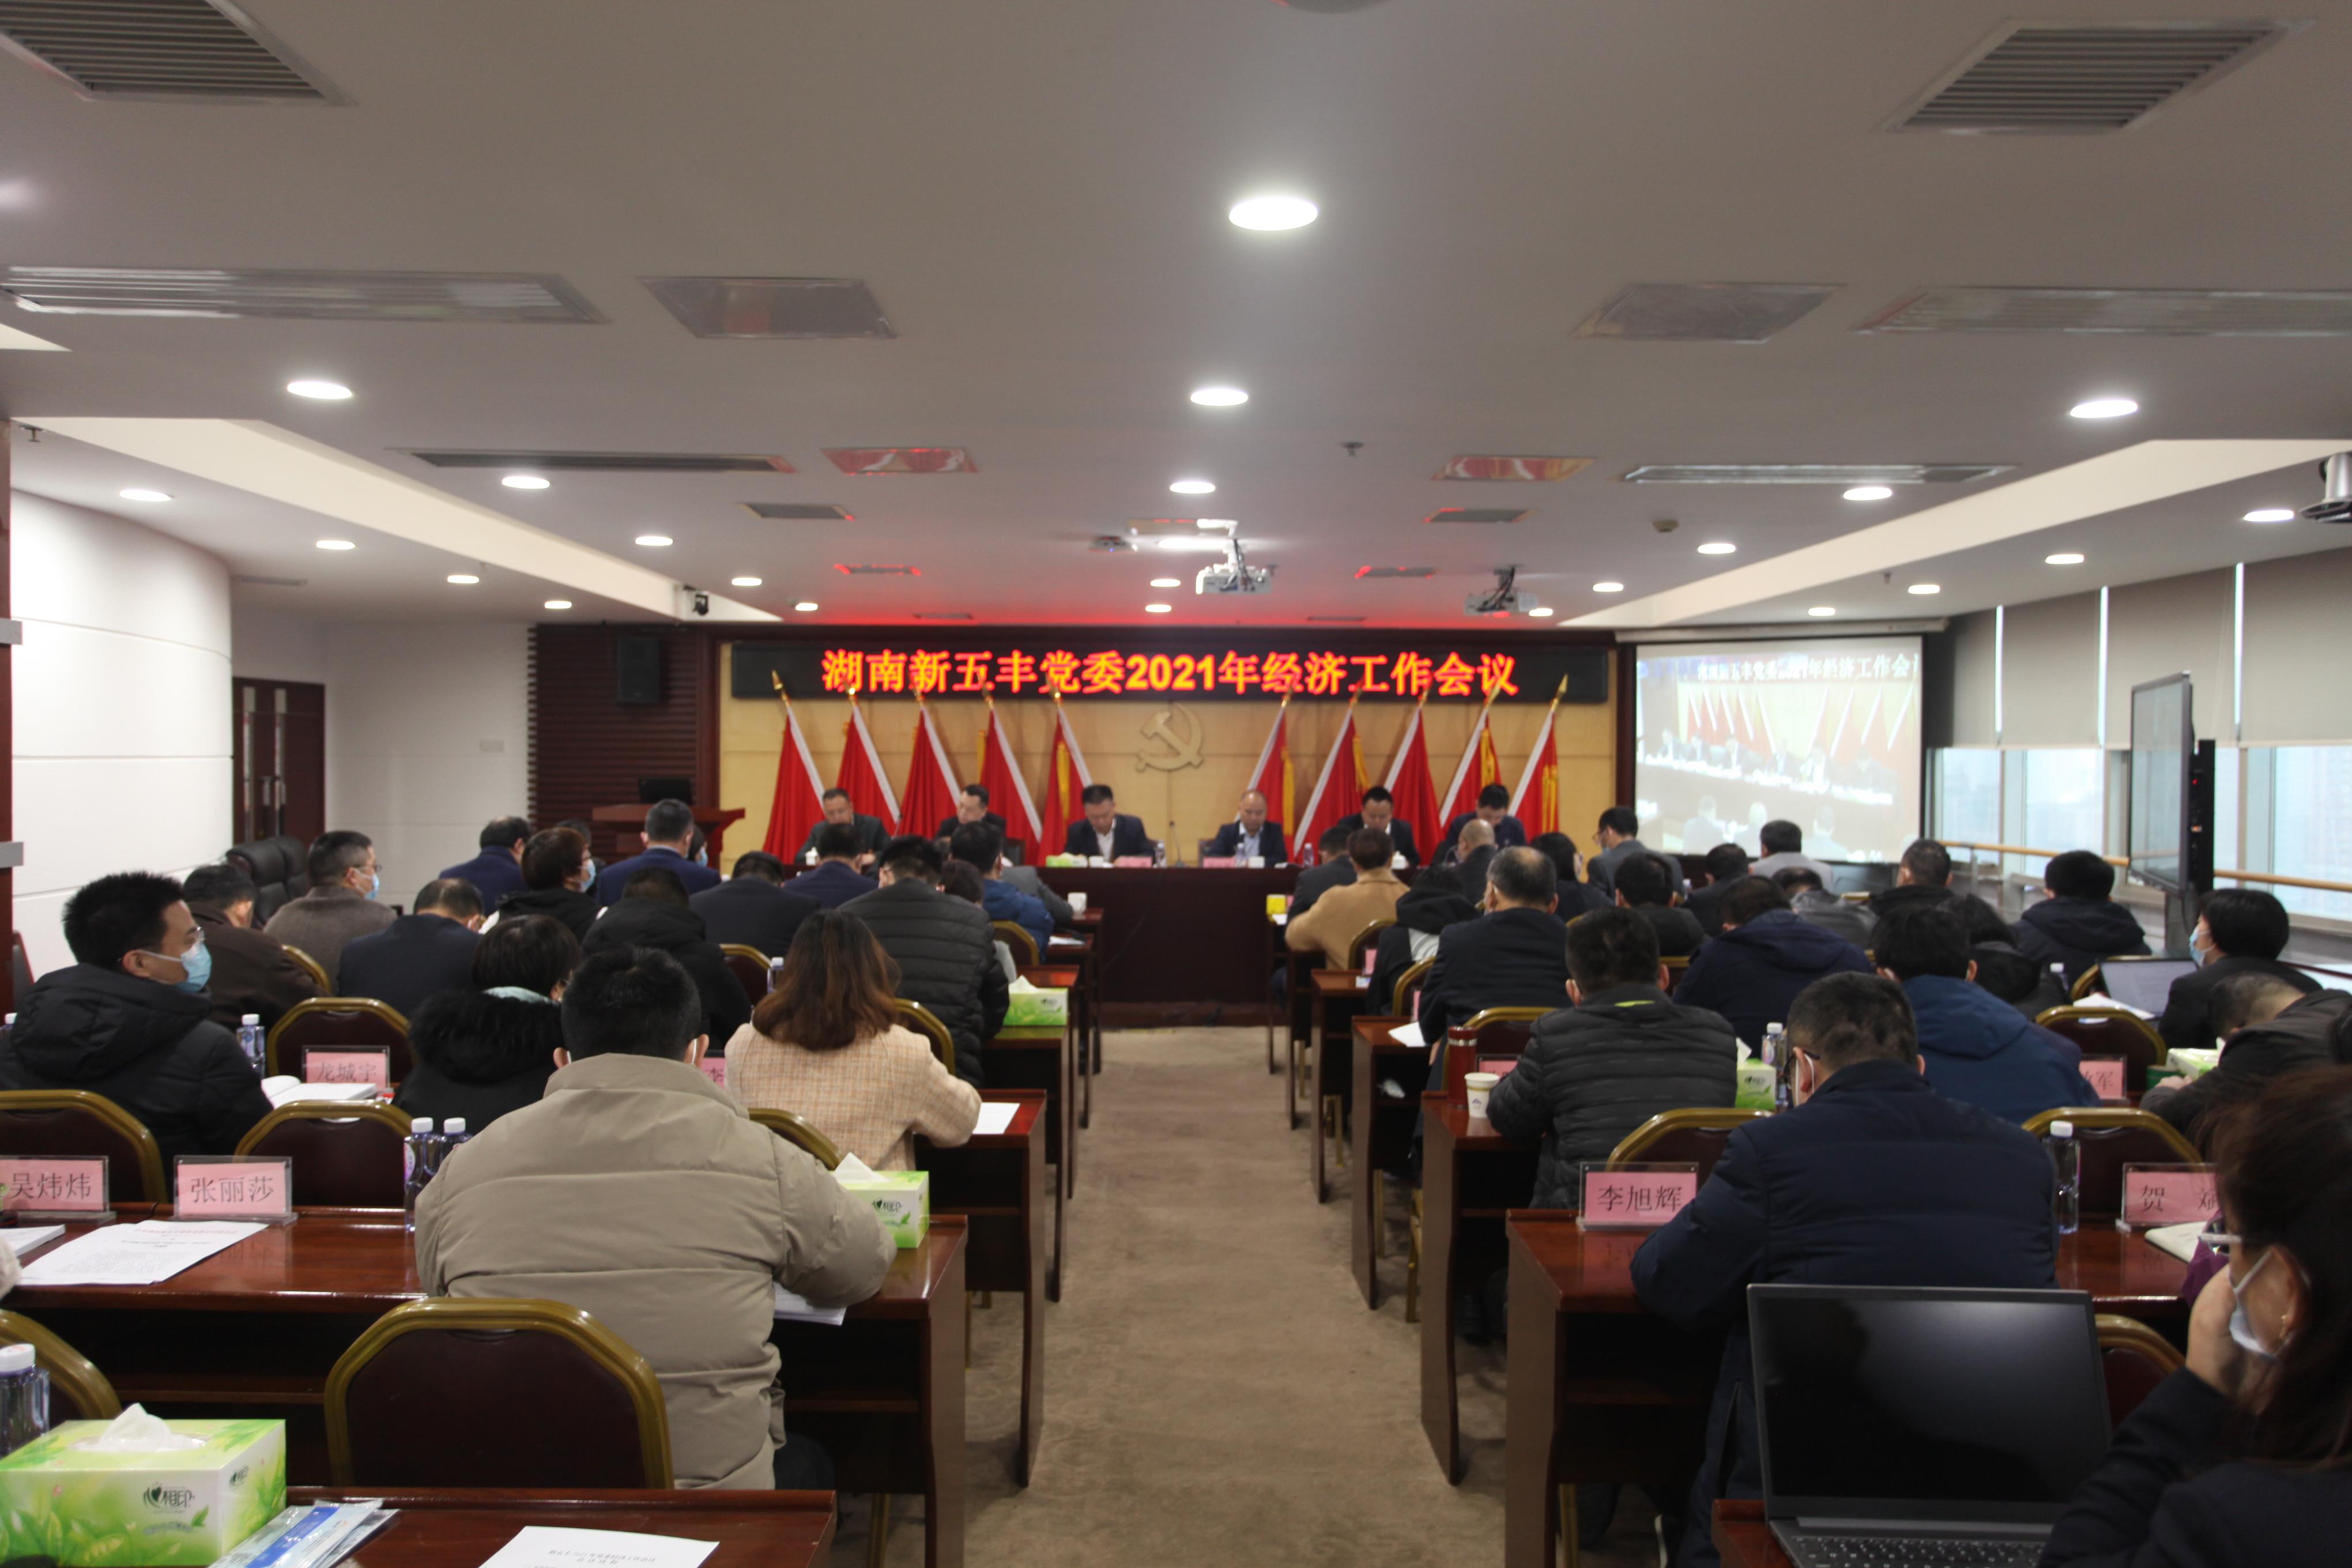 AG平台最新登录网址 召开2021年党委经济工作会议